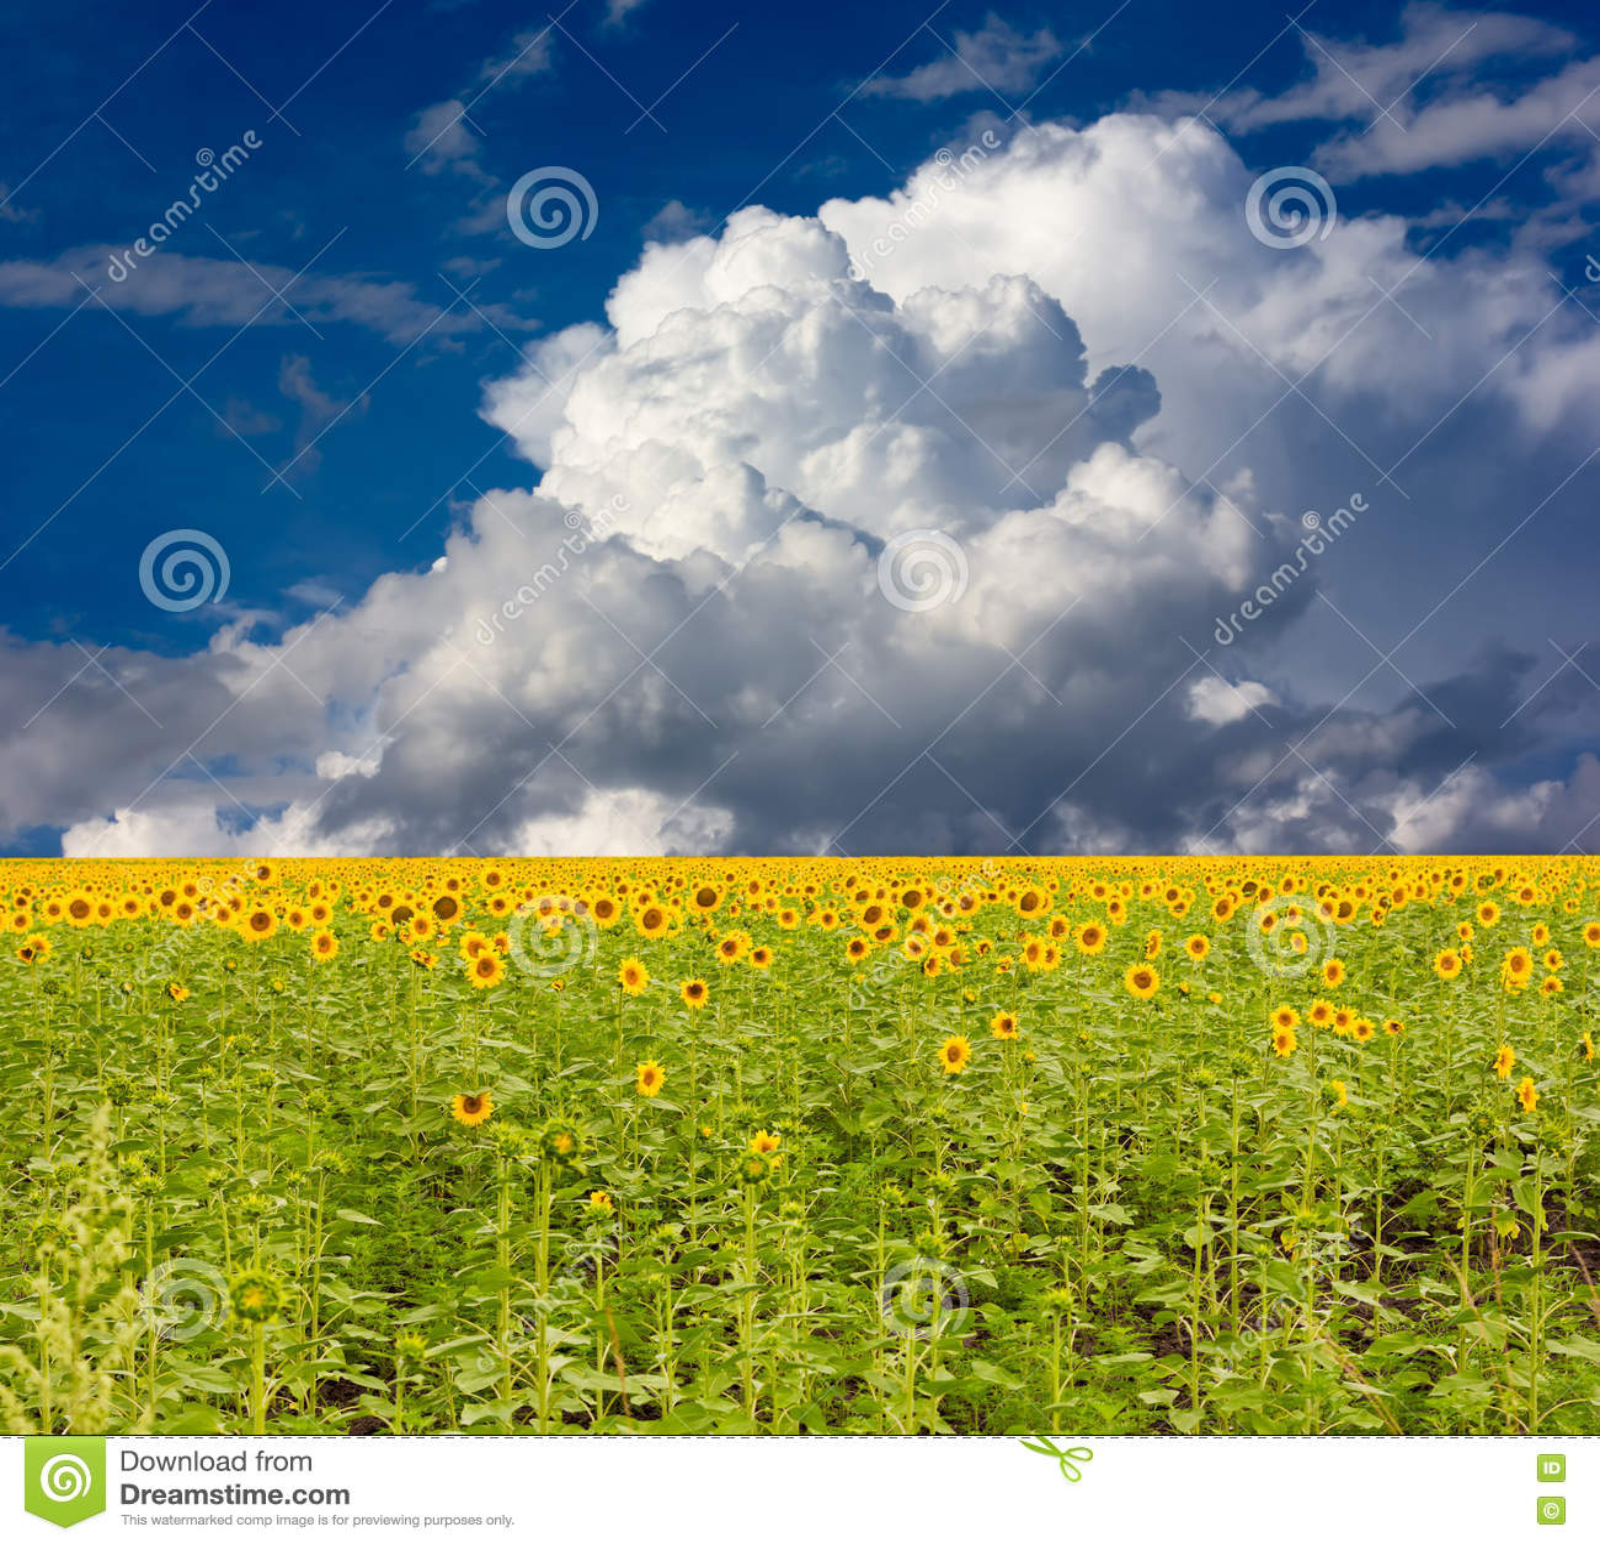 Campo do girassol em um fundo do céu azul com nuvens de cúmulo